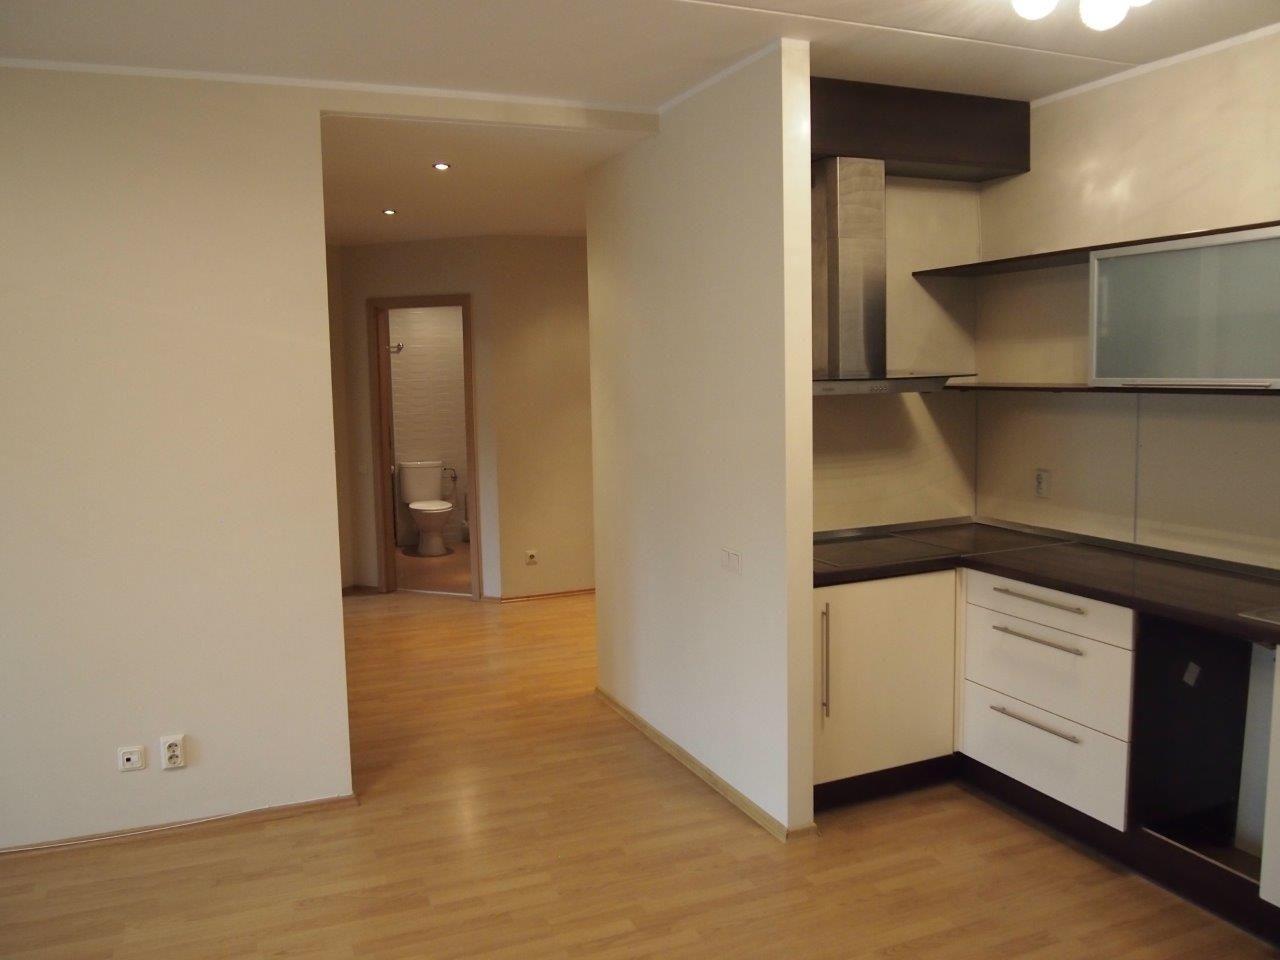 Квартира в Риге, Латвия, 70 м2 - фото 1